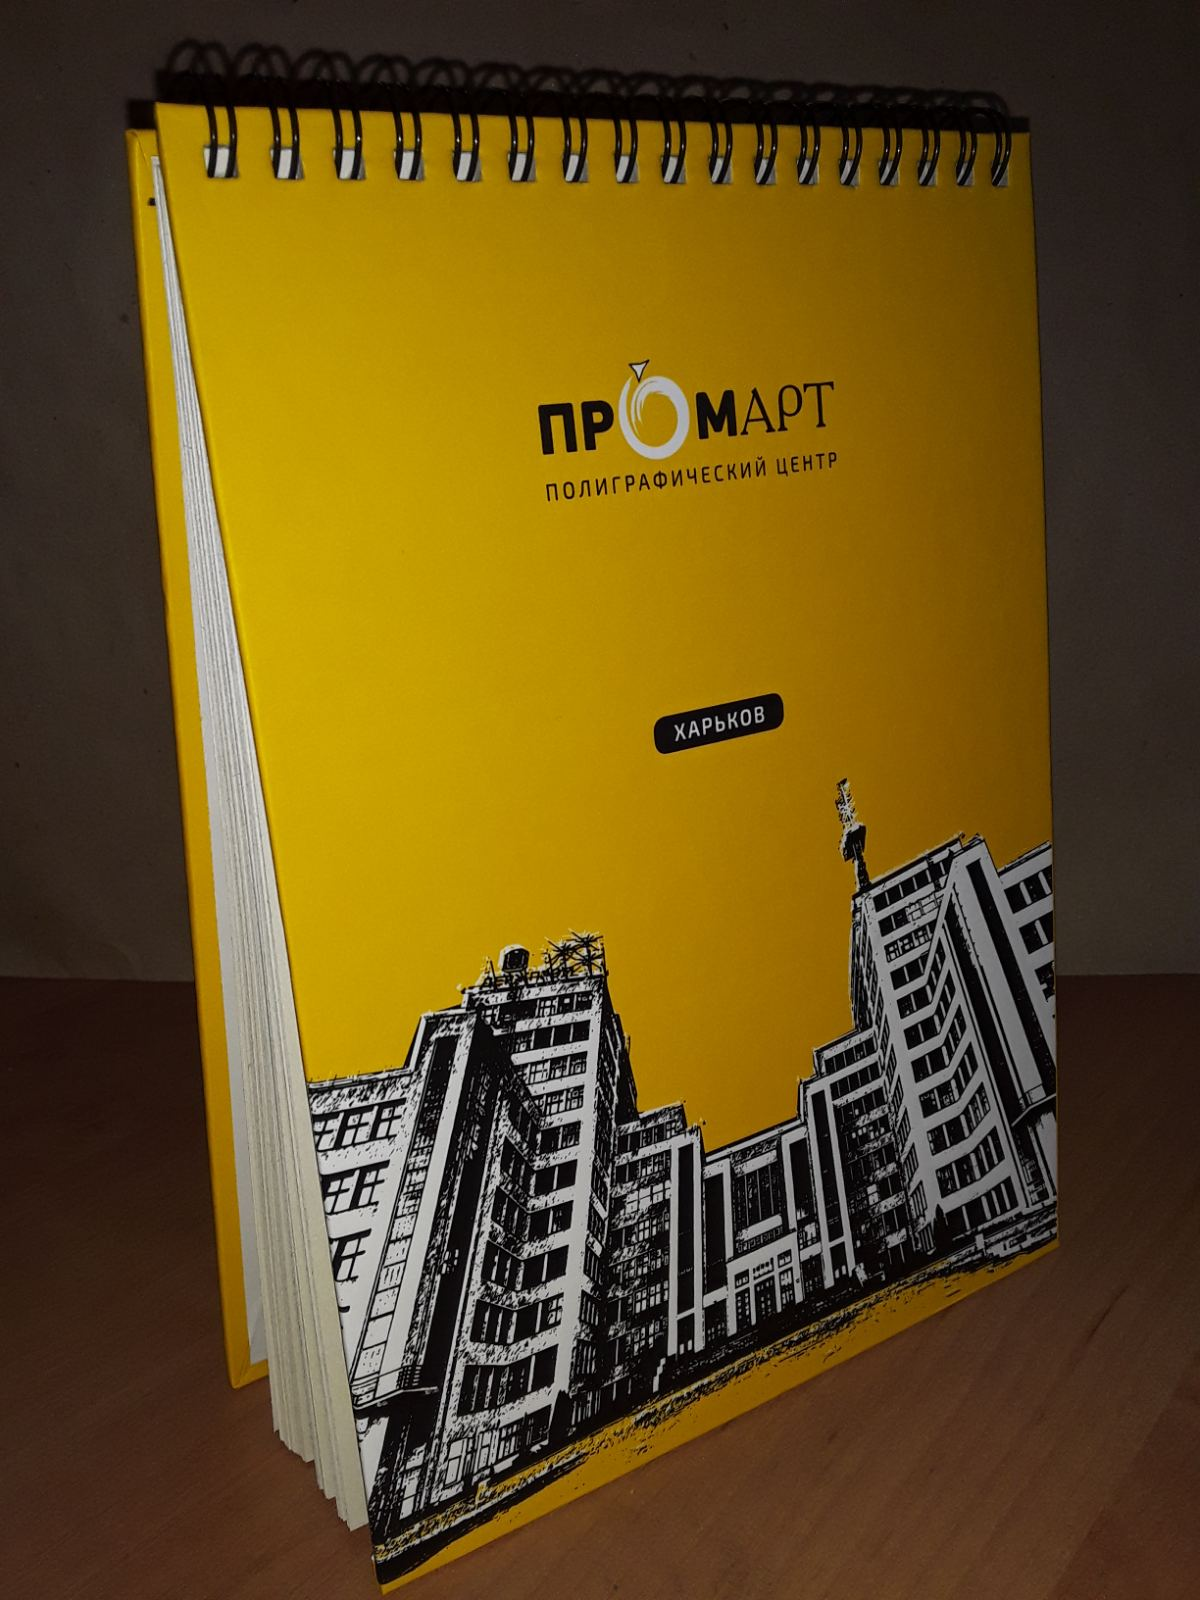 Изготовление фирменных блокнотов на заказ в типографии ПромАрт